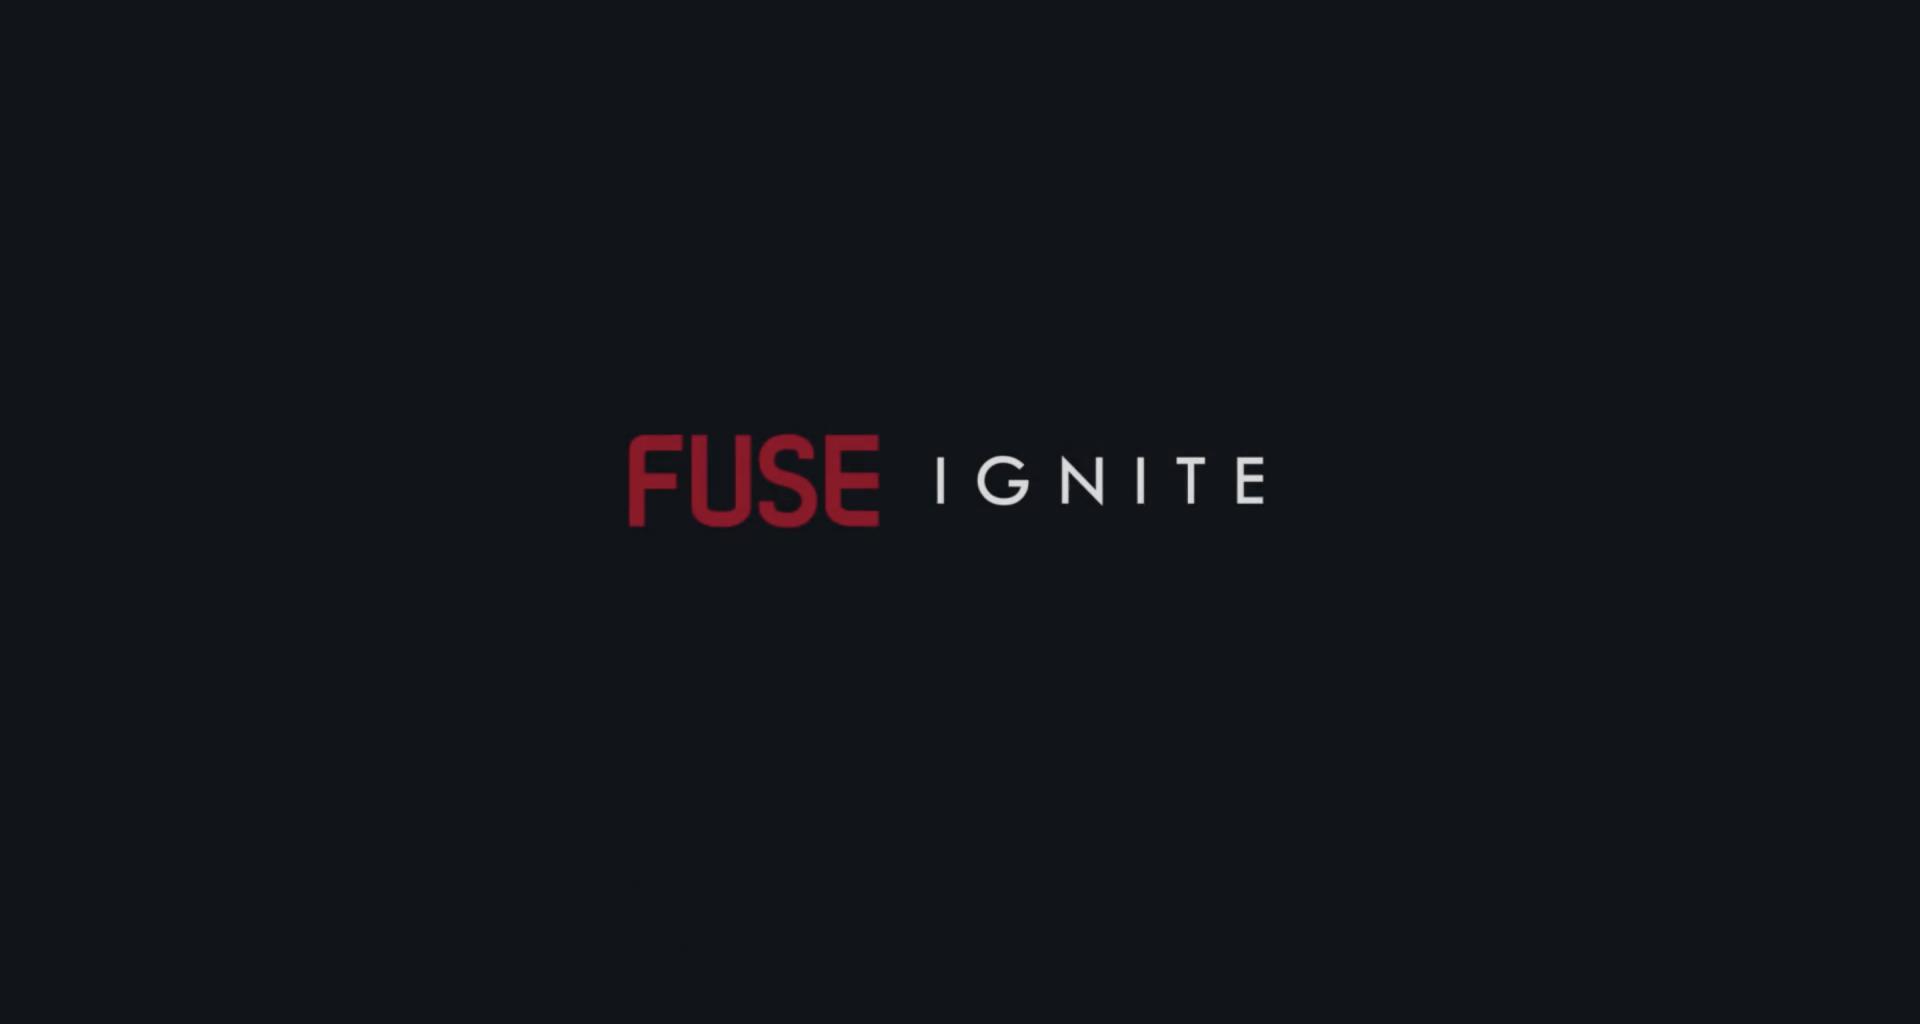 Fuse announces Fuse Ignite